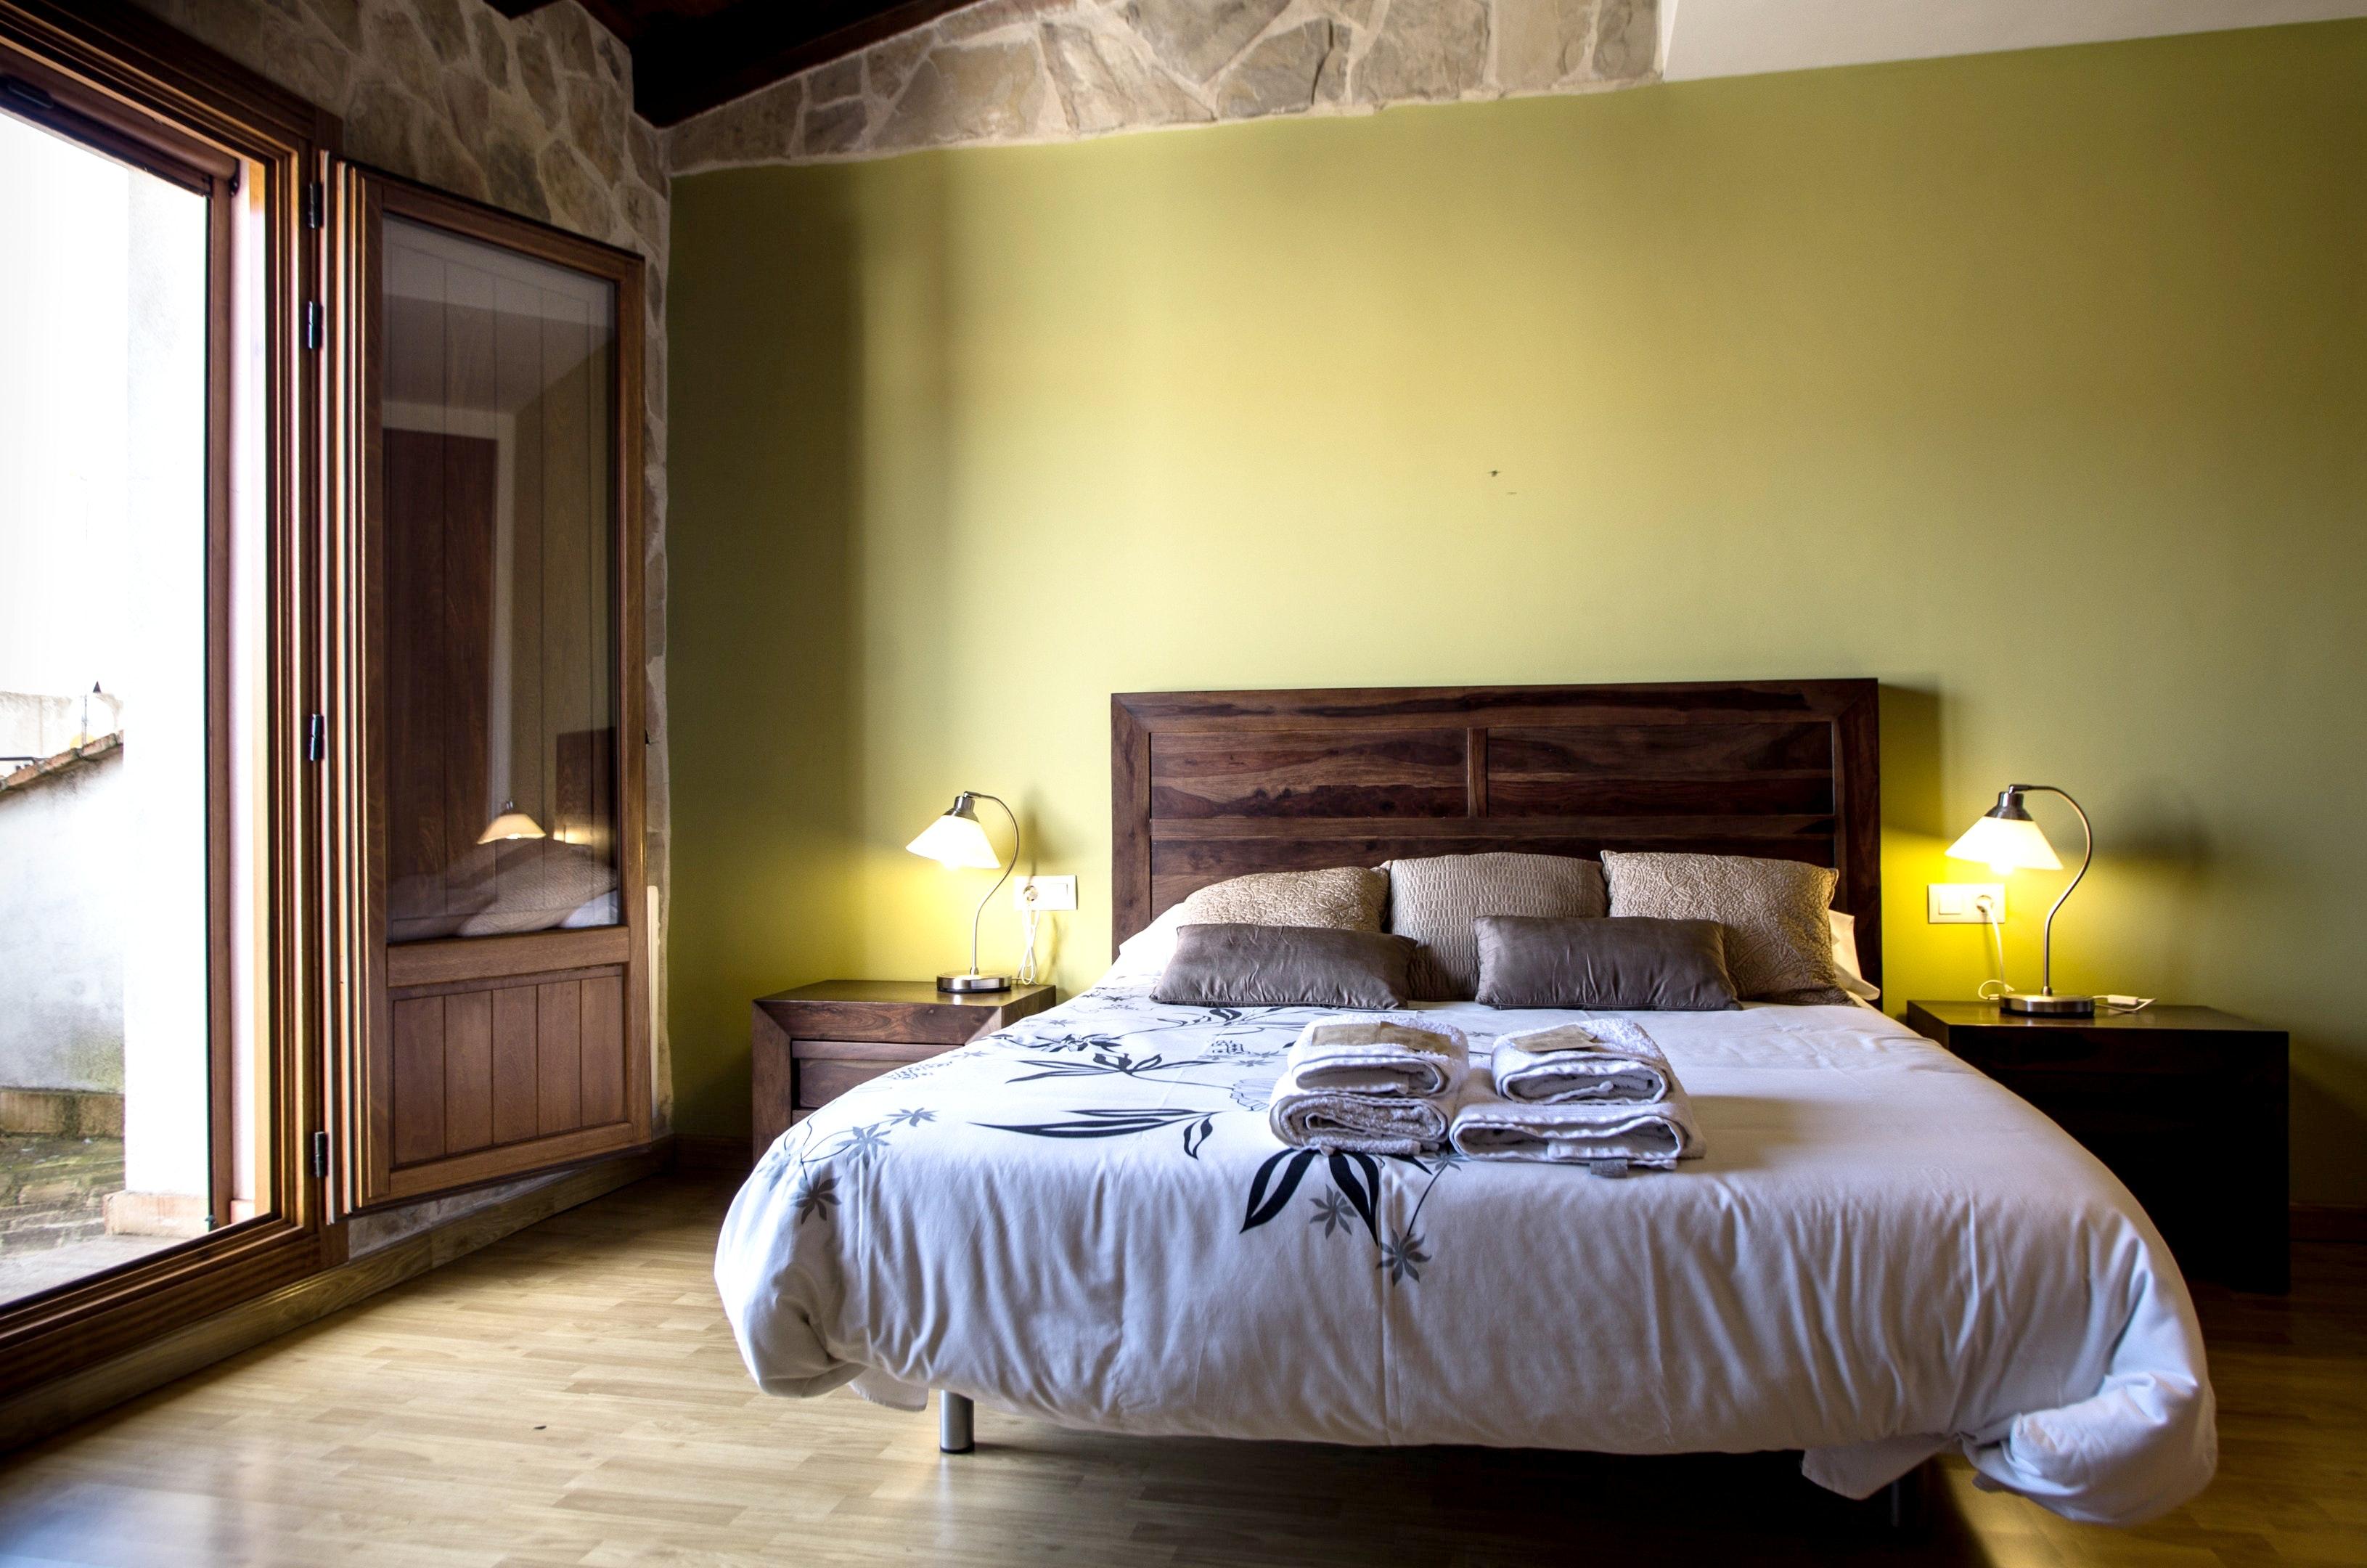 Ferienhaus Haus mit 3 Schlafzimmern in Talayuelas mit toller Aussicht auf die Berge, möblierter Terra (2202603), Talayuelas, Cuenca, Kastilien-La Mancha, Spanien, Bild 3